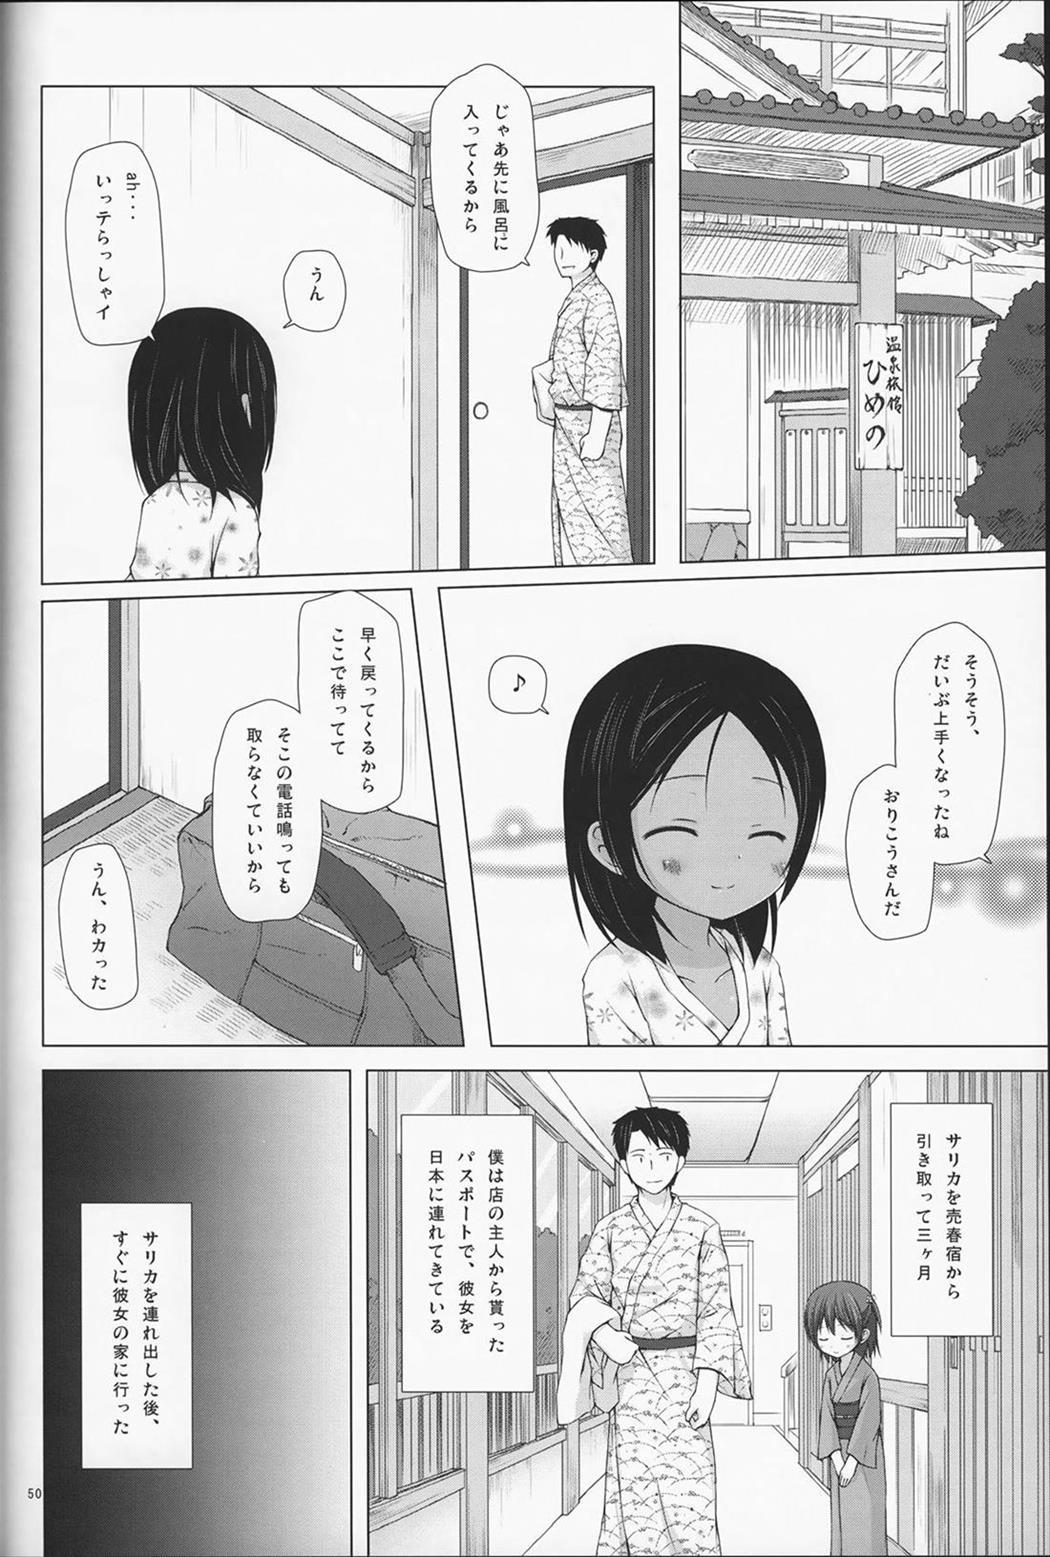 【エロ漫画・エロ同人誌】異国で父親に売られて売春する羽目になったロリ少女wひたすらお客とエッチしてる毎日を送ってたら日本人の男に助けられ日本に来てもセックス依存がぬけてないwww (50)